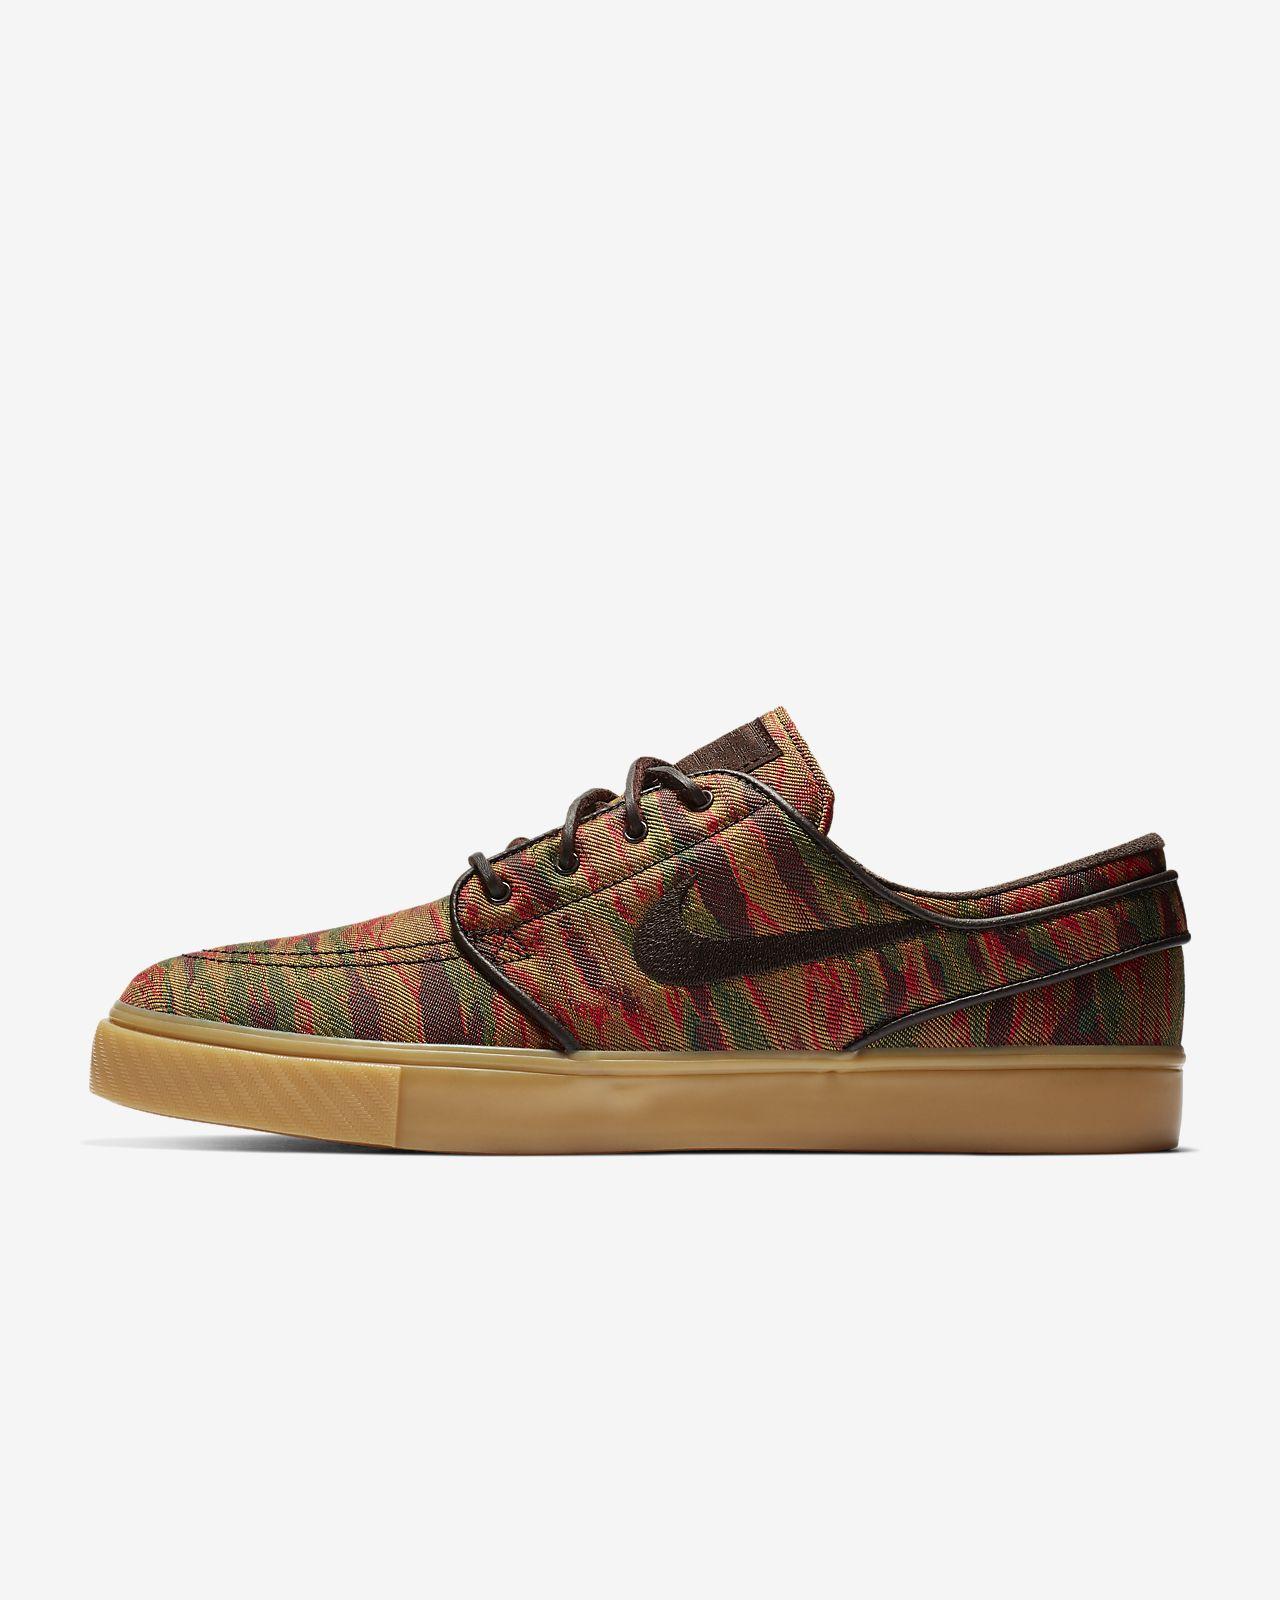 Nike SB Zoom Stefan Janoski Canvas Premium Erkek Kaykay Ayakkabısı